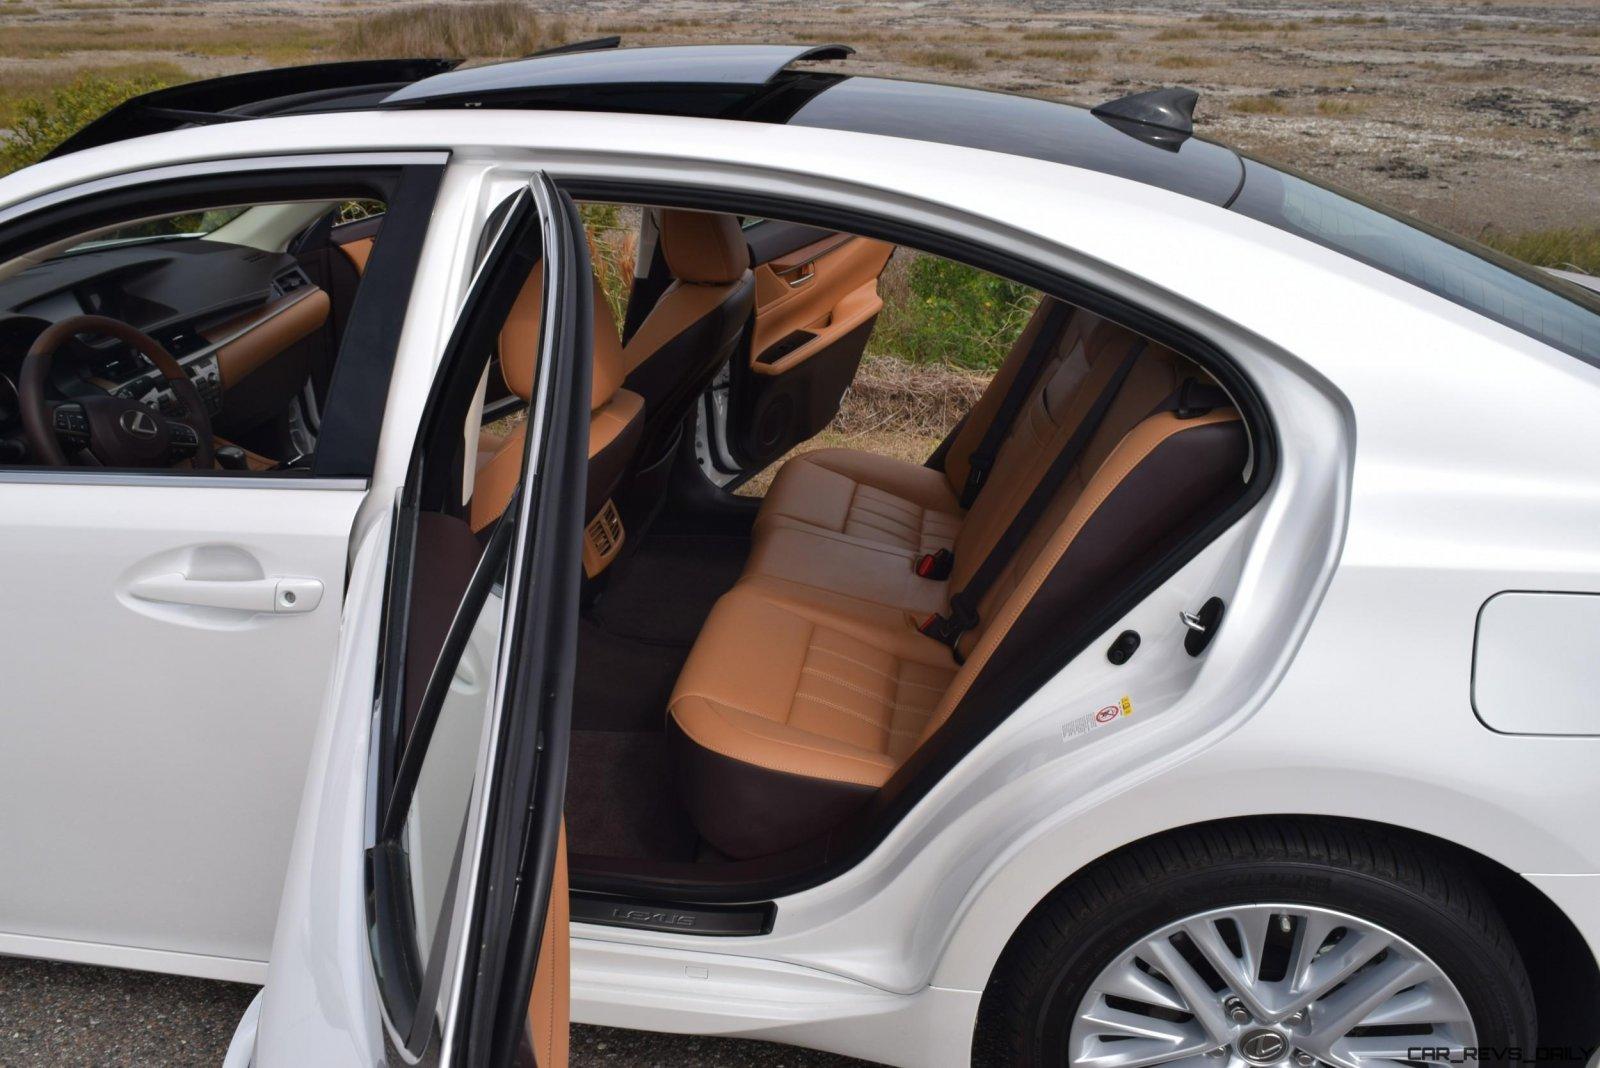 2017 lexus es350 interior 11